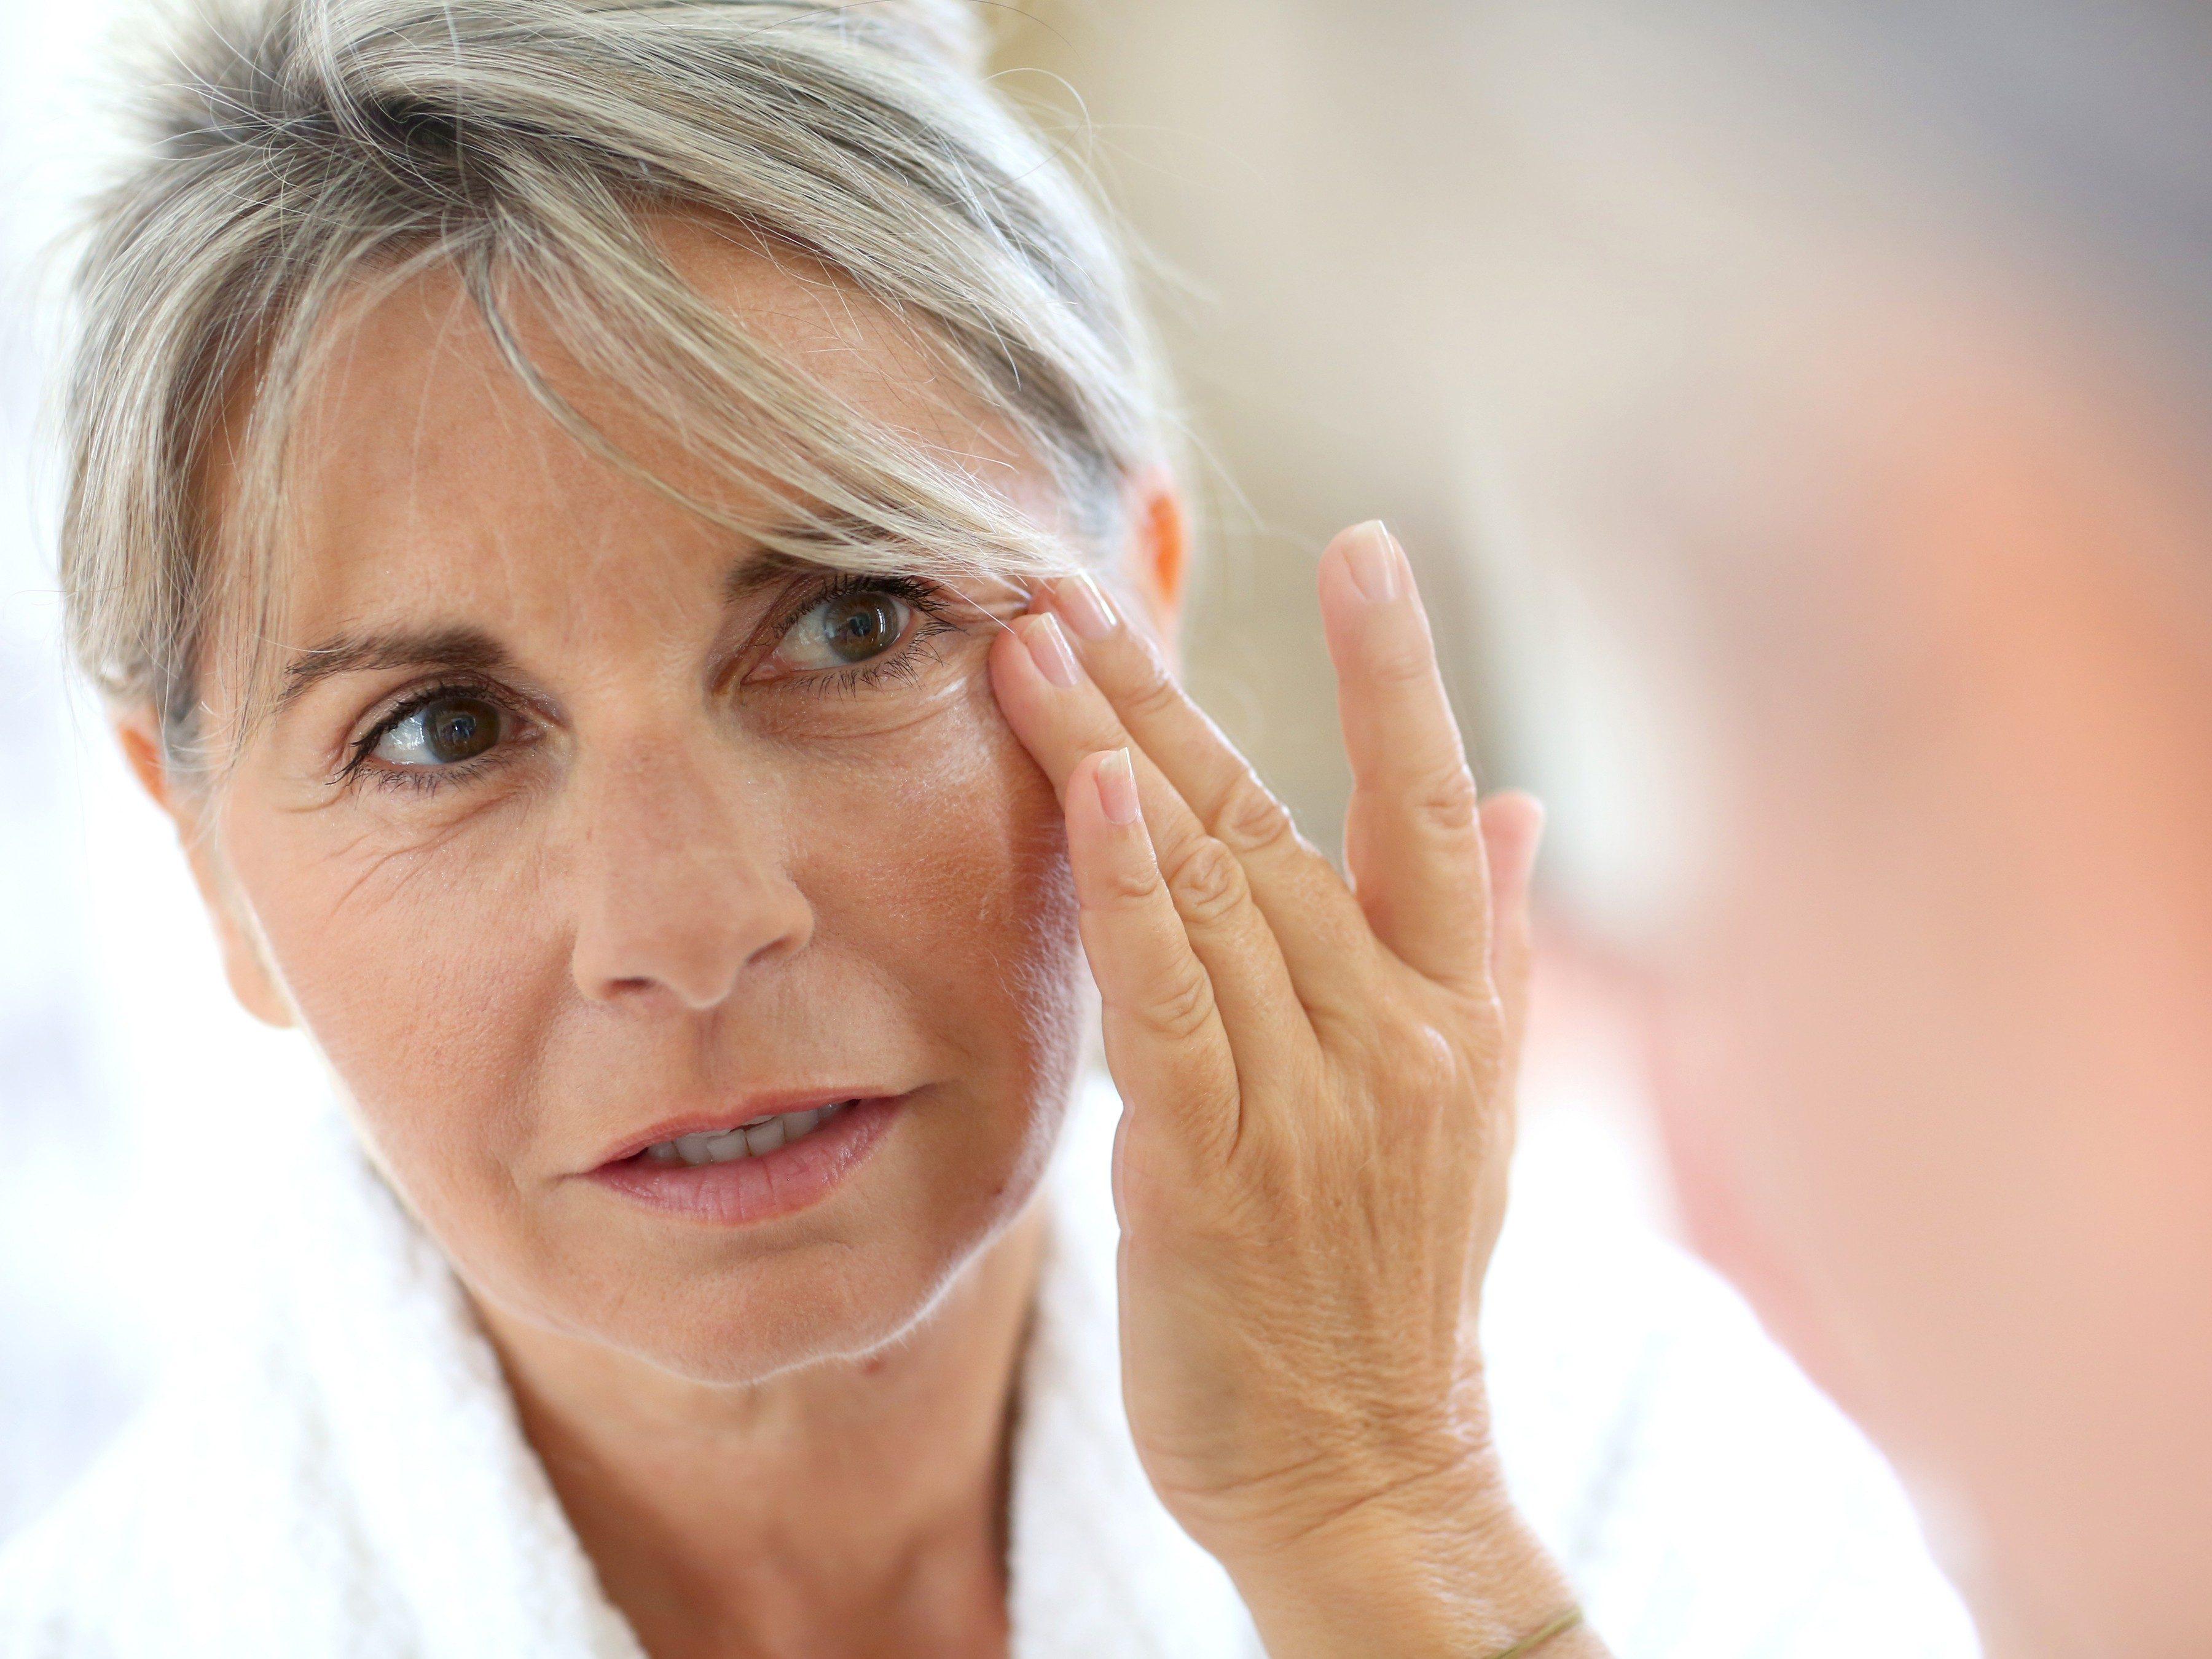 4. Add Eye Cream